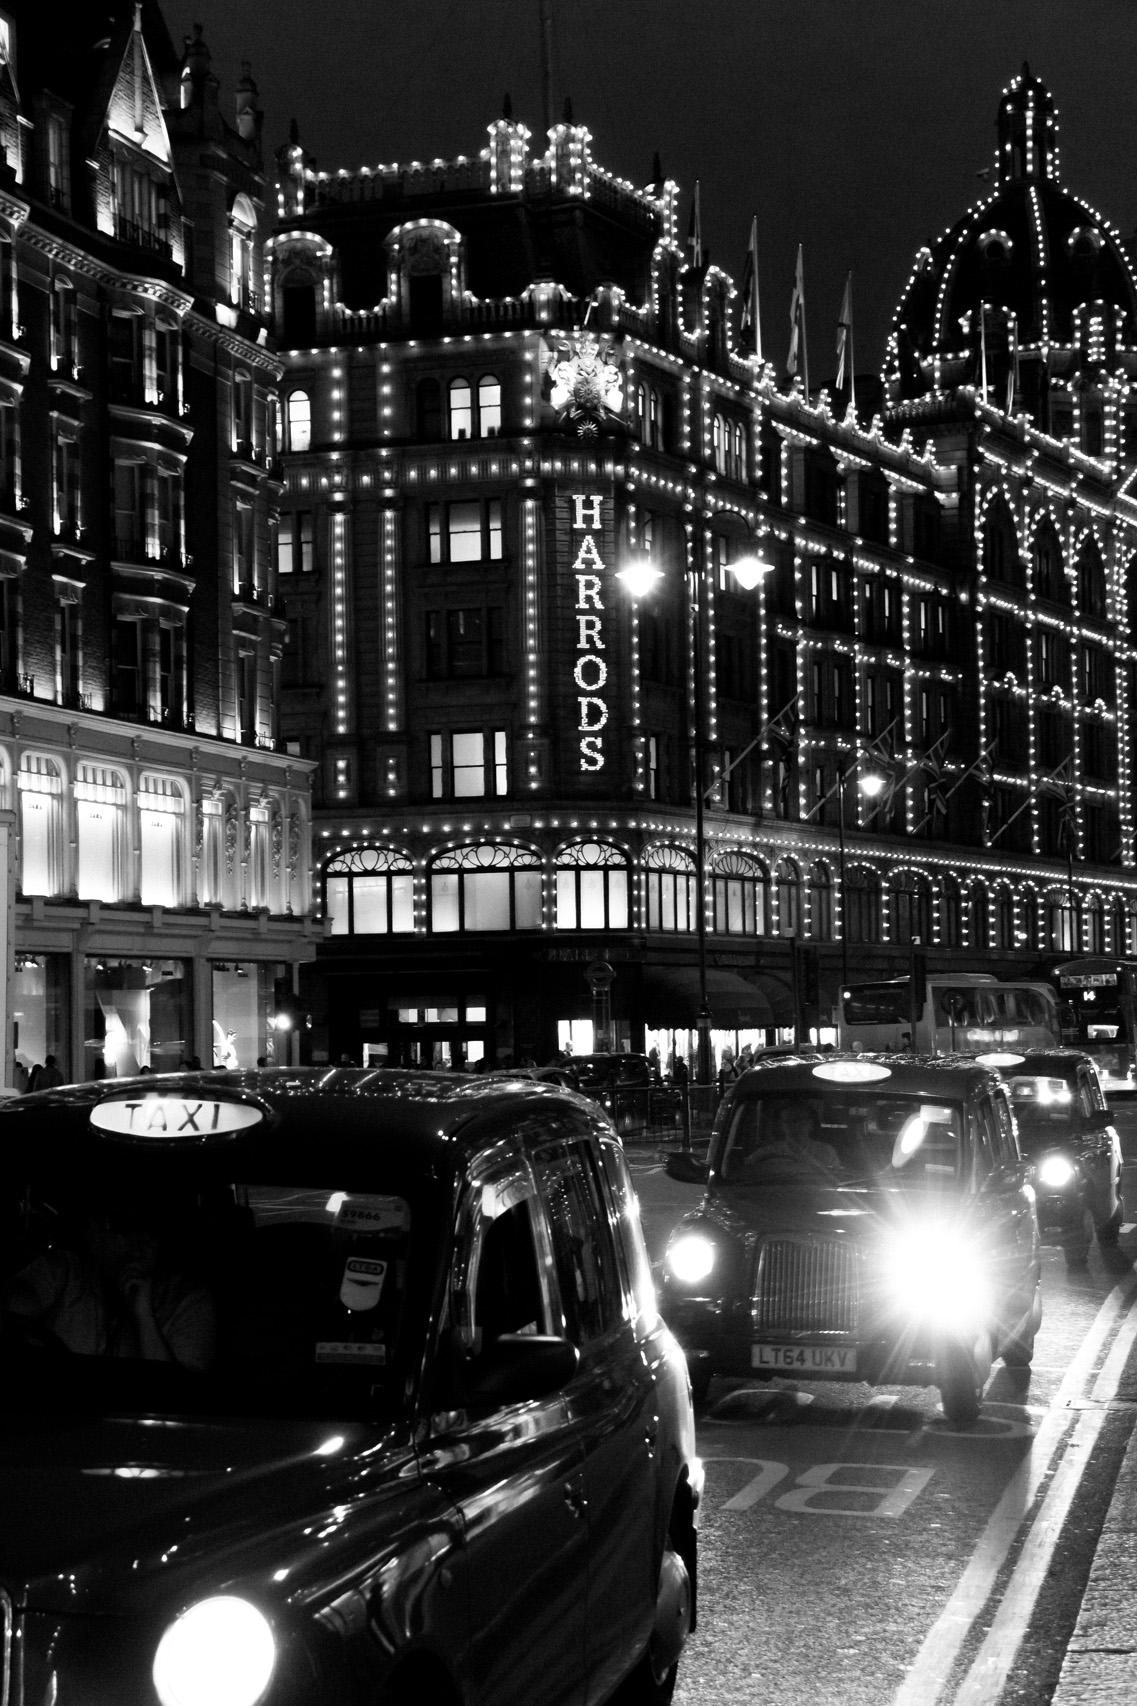 Harrods-London